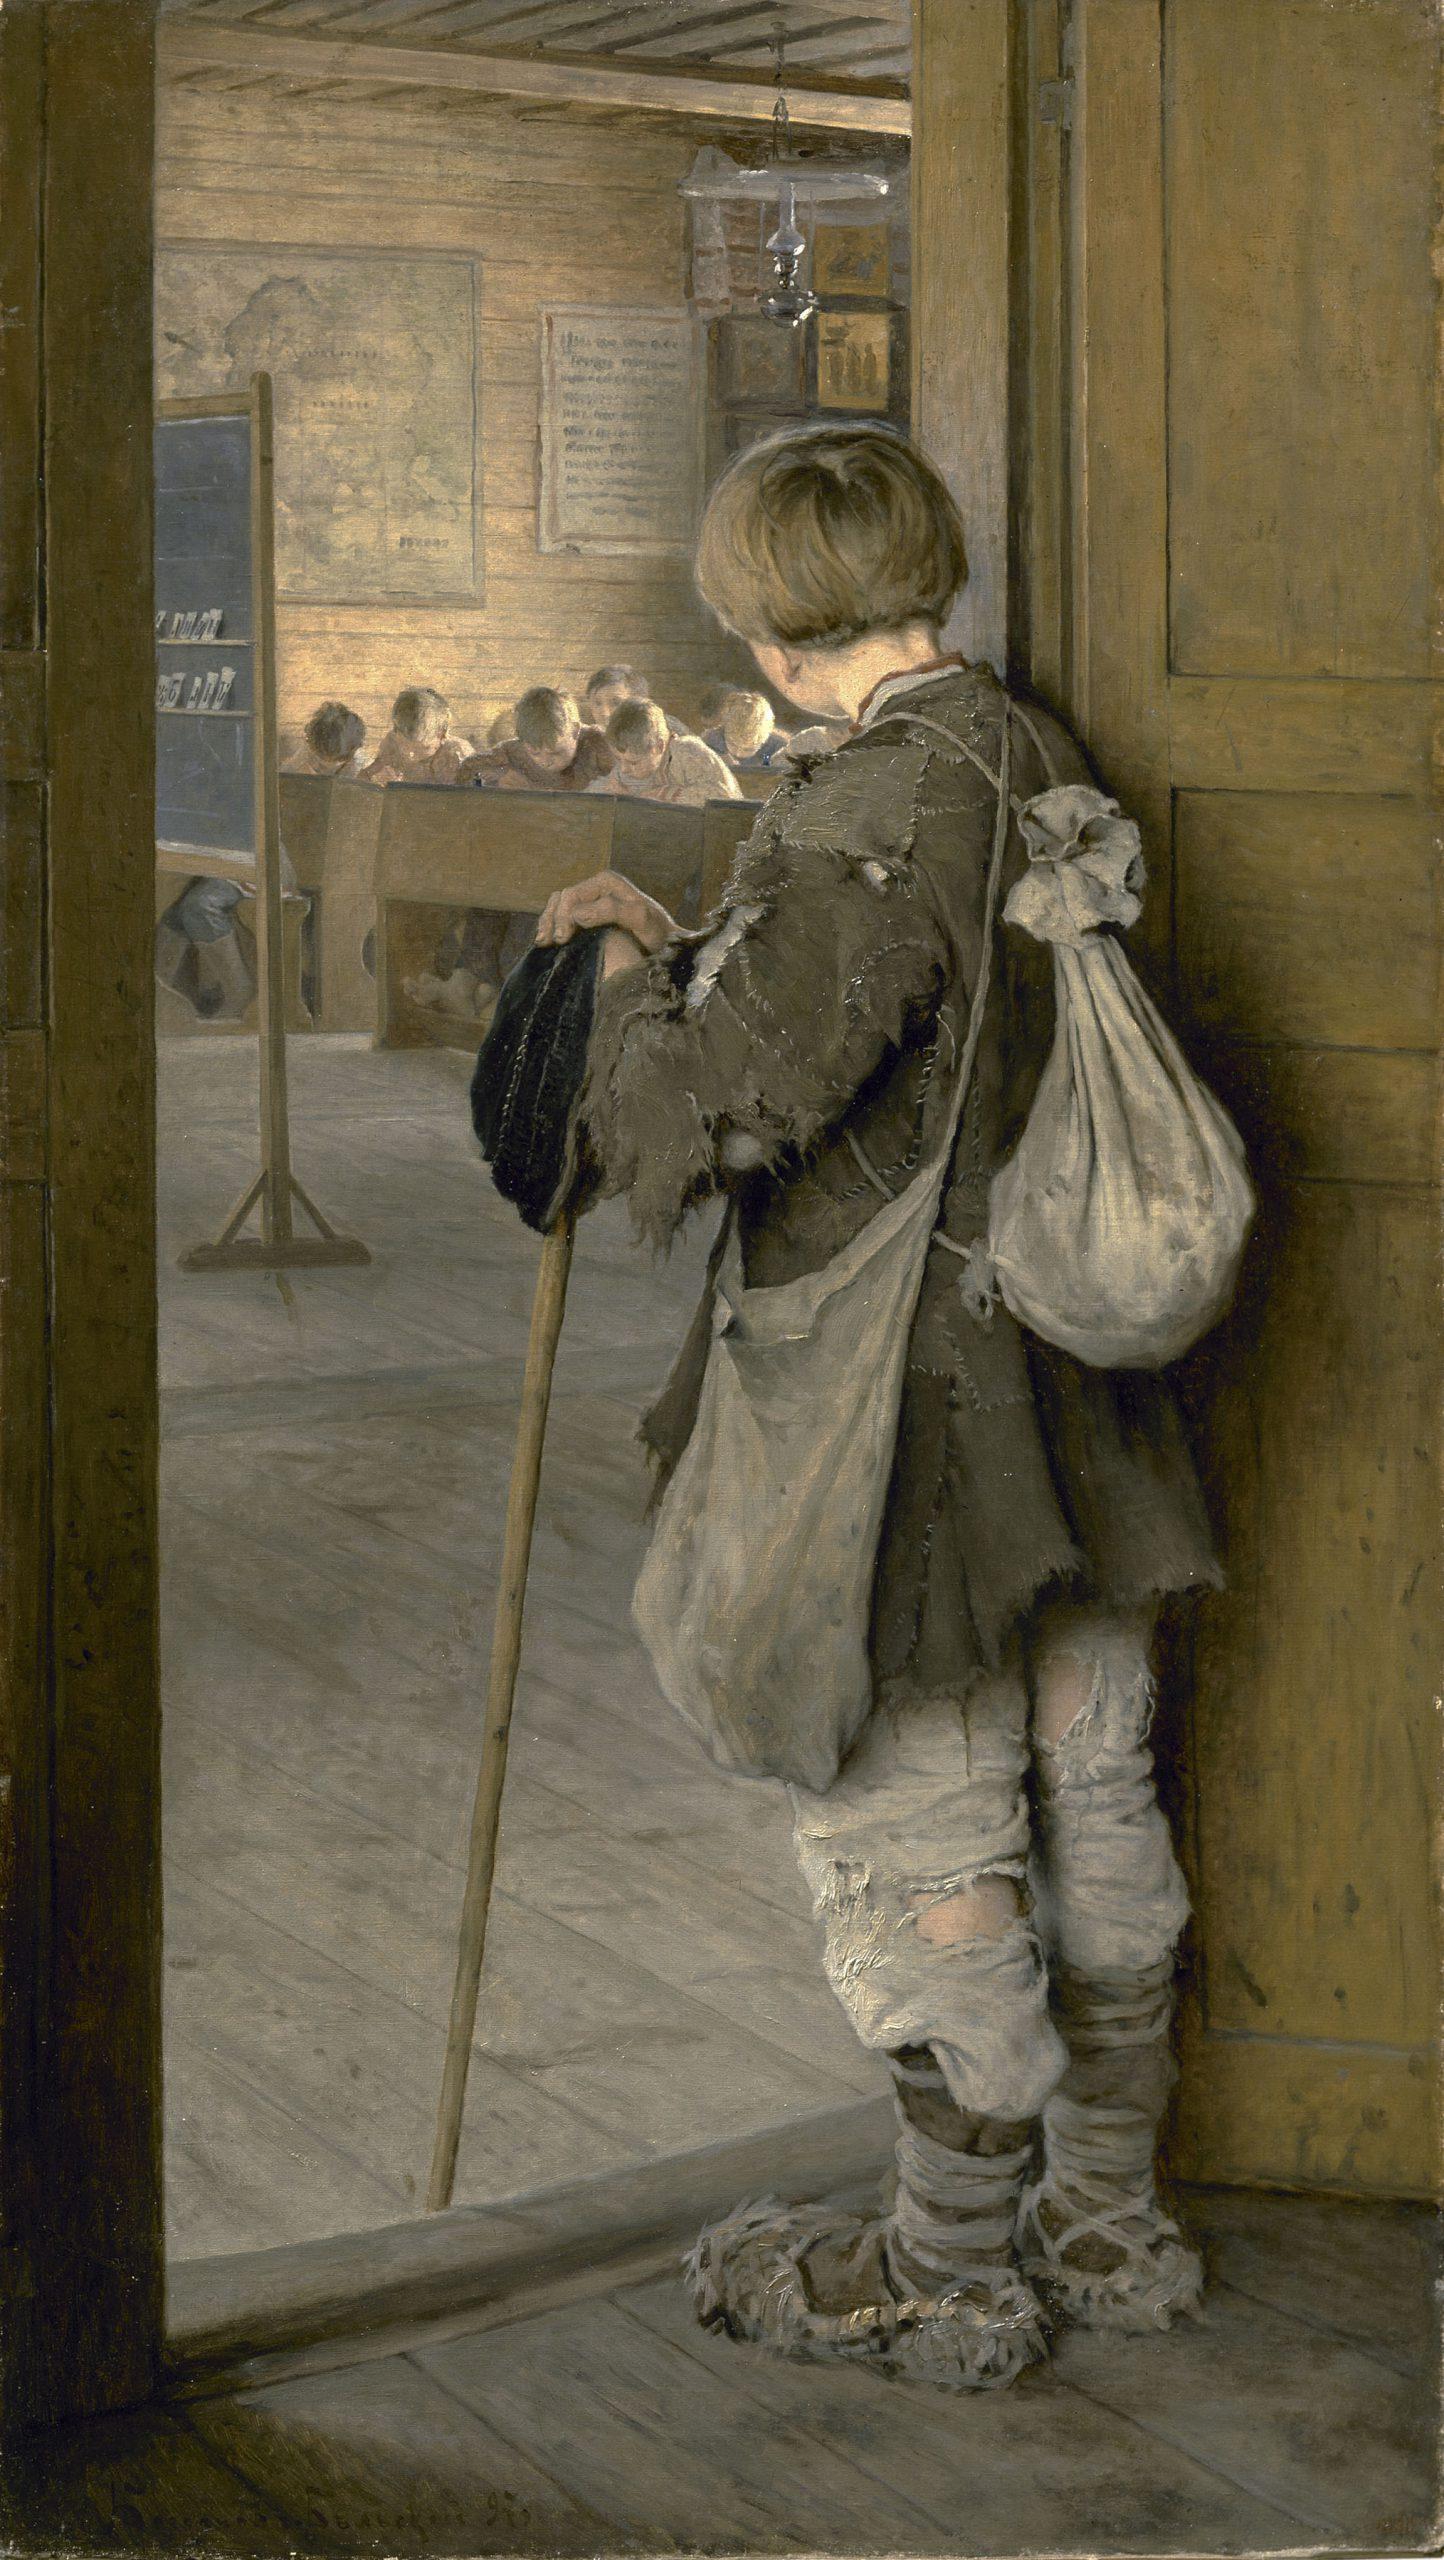 Николай Петрович Богданов-Бельский «У дверей школы», 1897 год